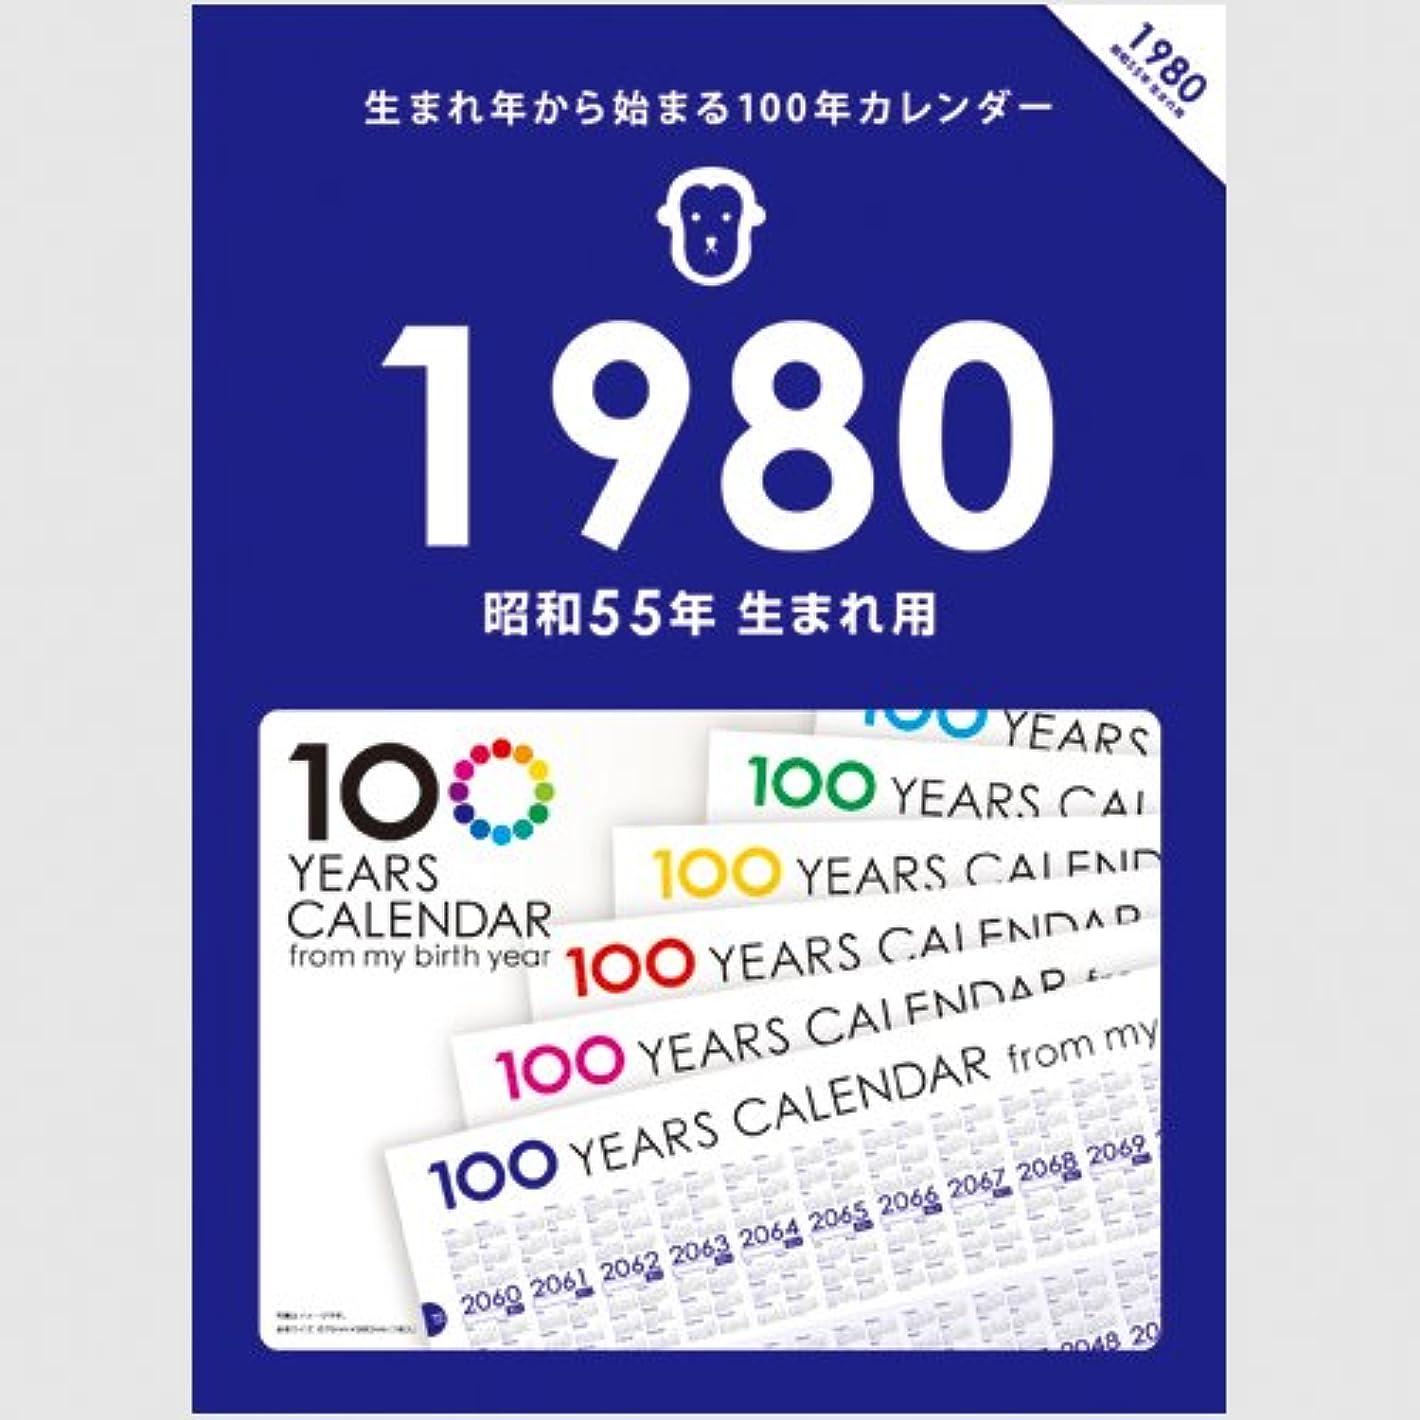 裏切りちょうつがい集中的な生まれ年から始まる100年カレンダーシリーズ 1980年生まれ用(昭和55年生まれ用)